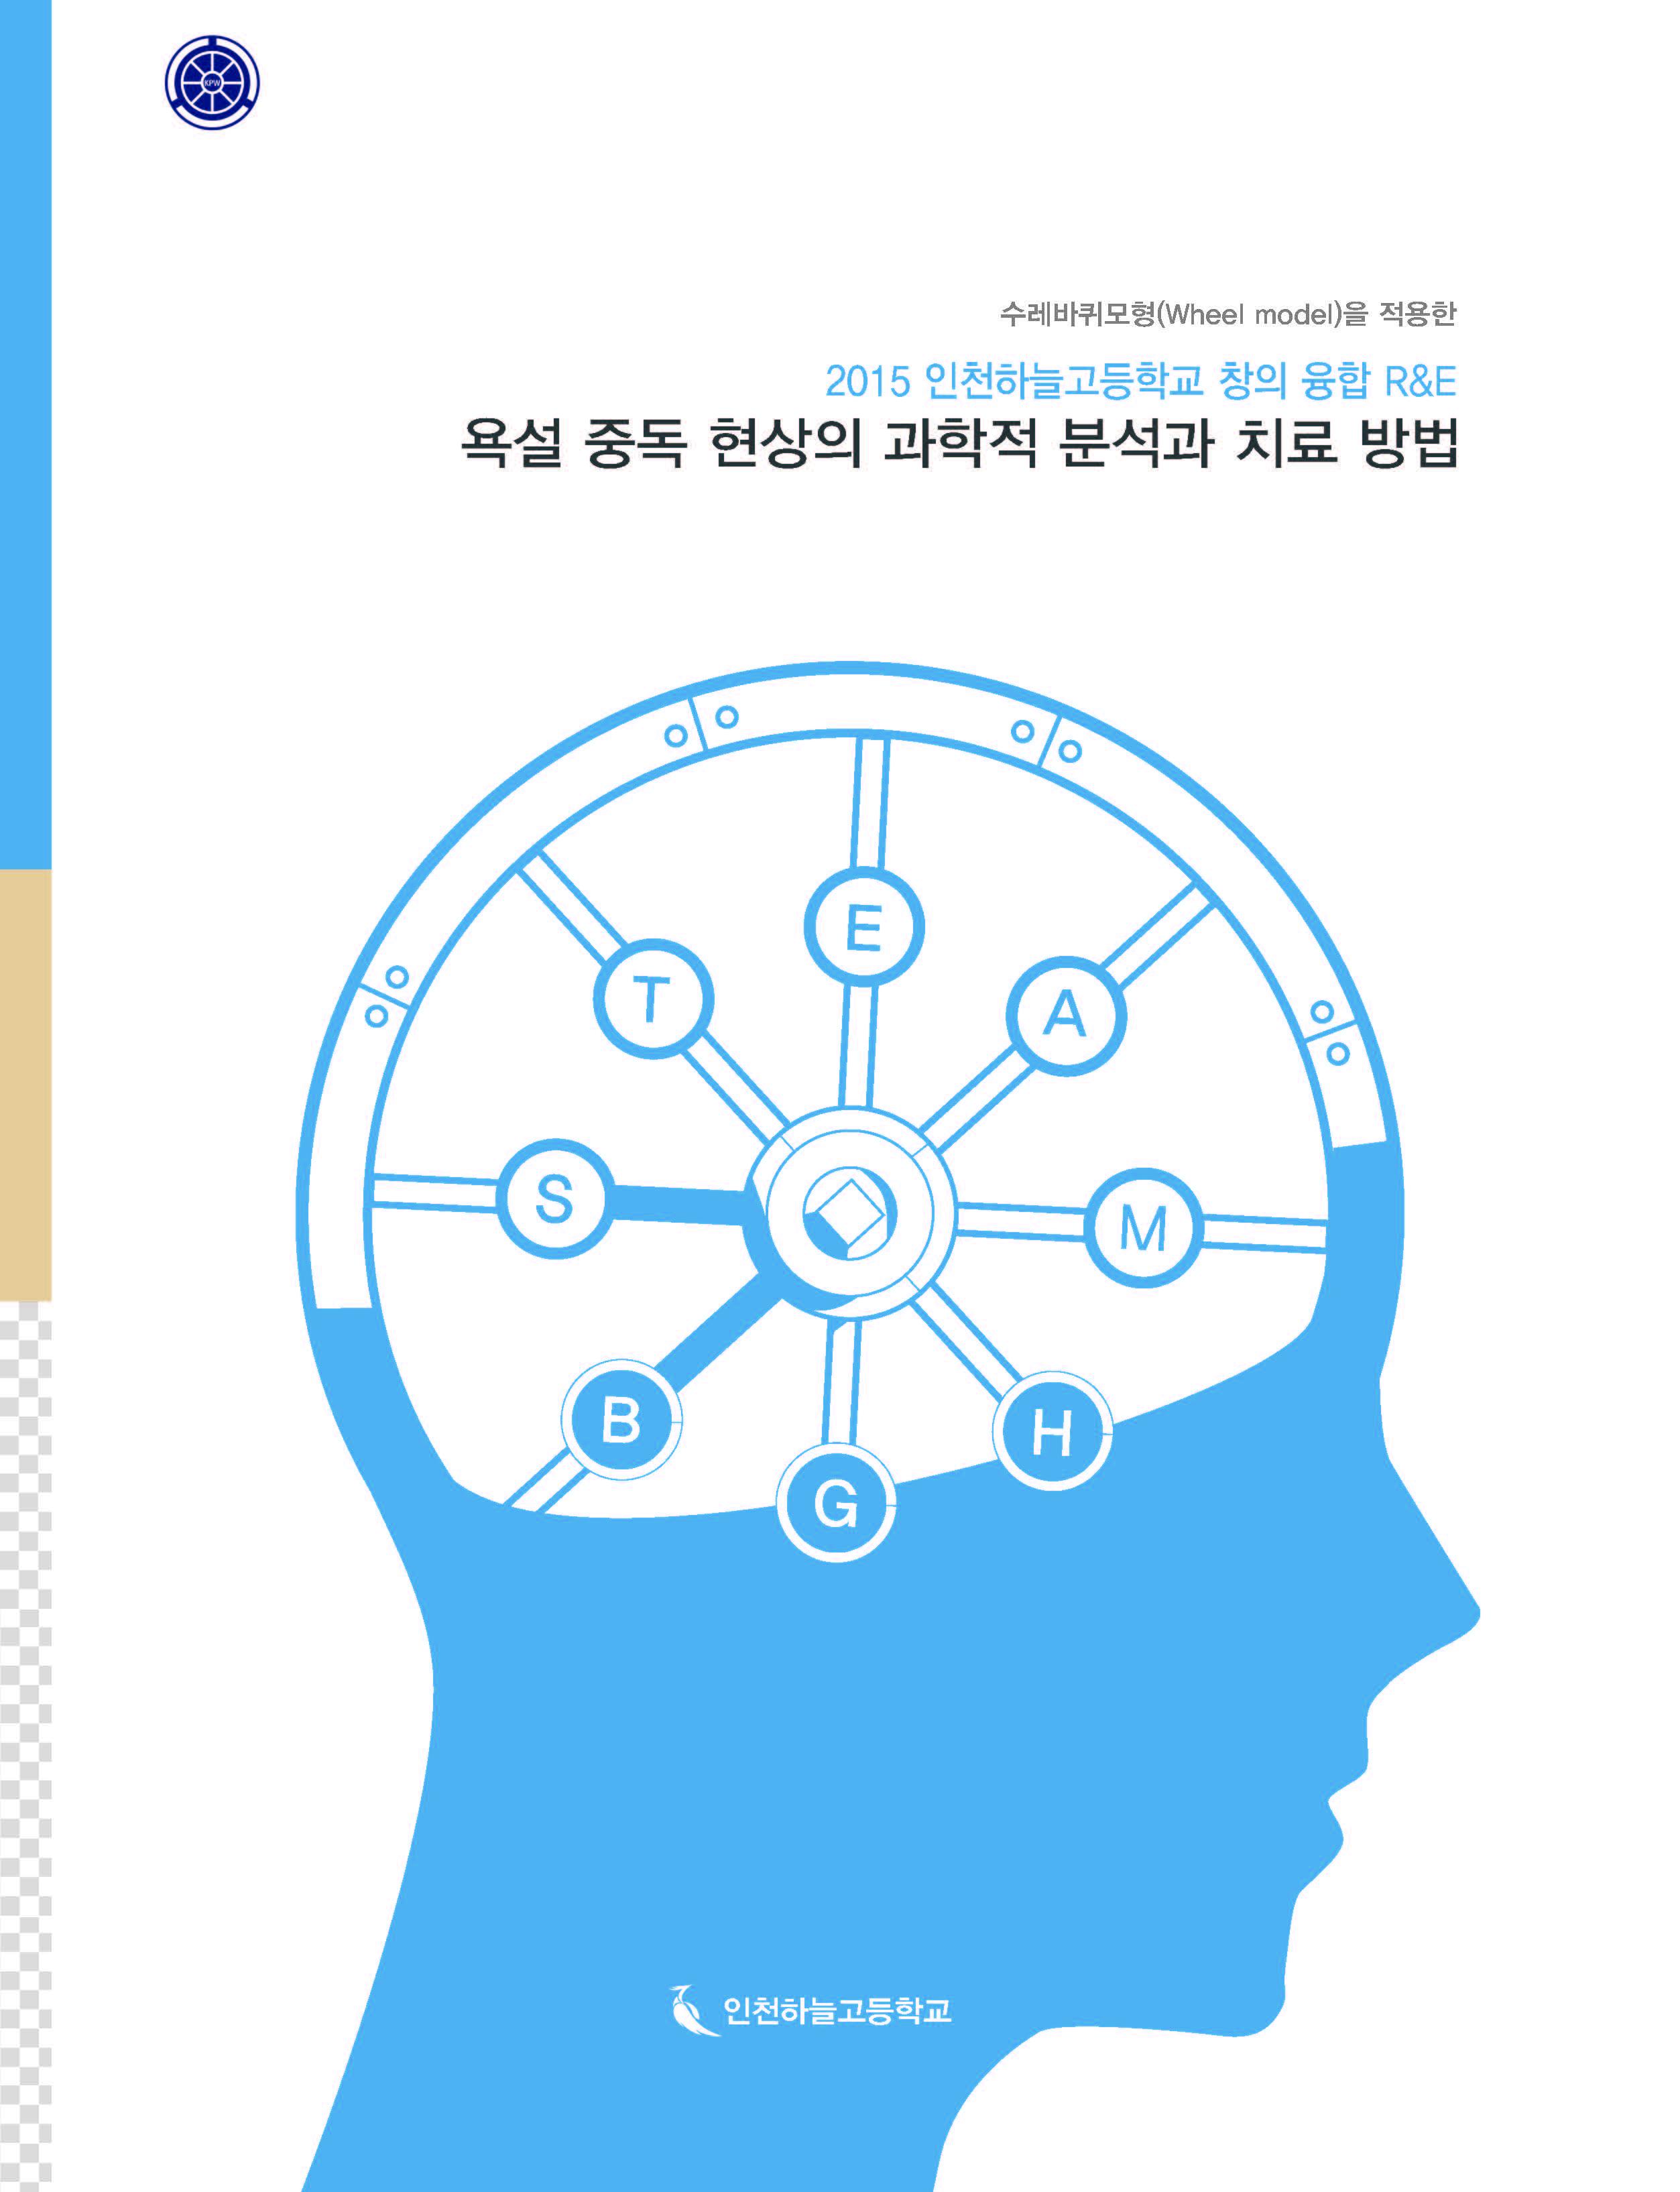 인천하늘고등학교 2015년 R&E 연구 성과 안내